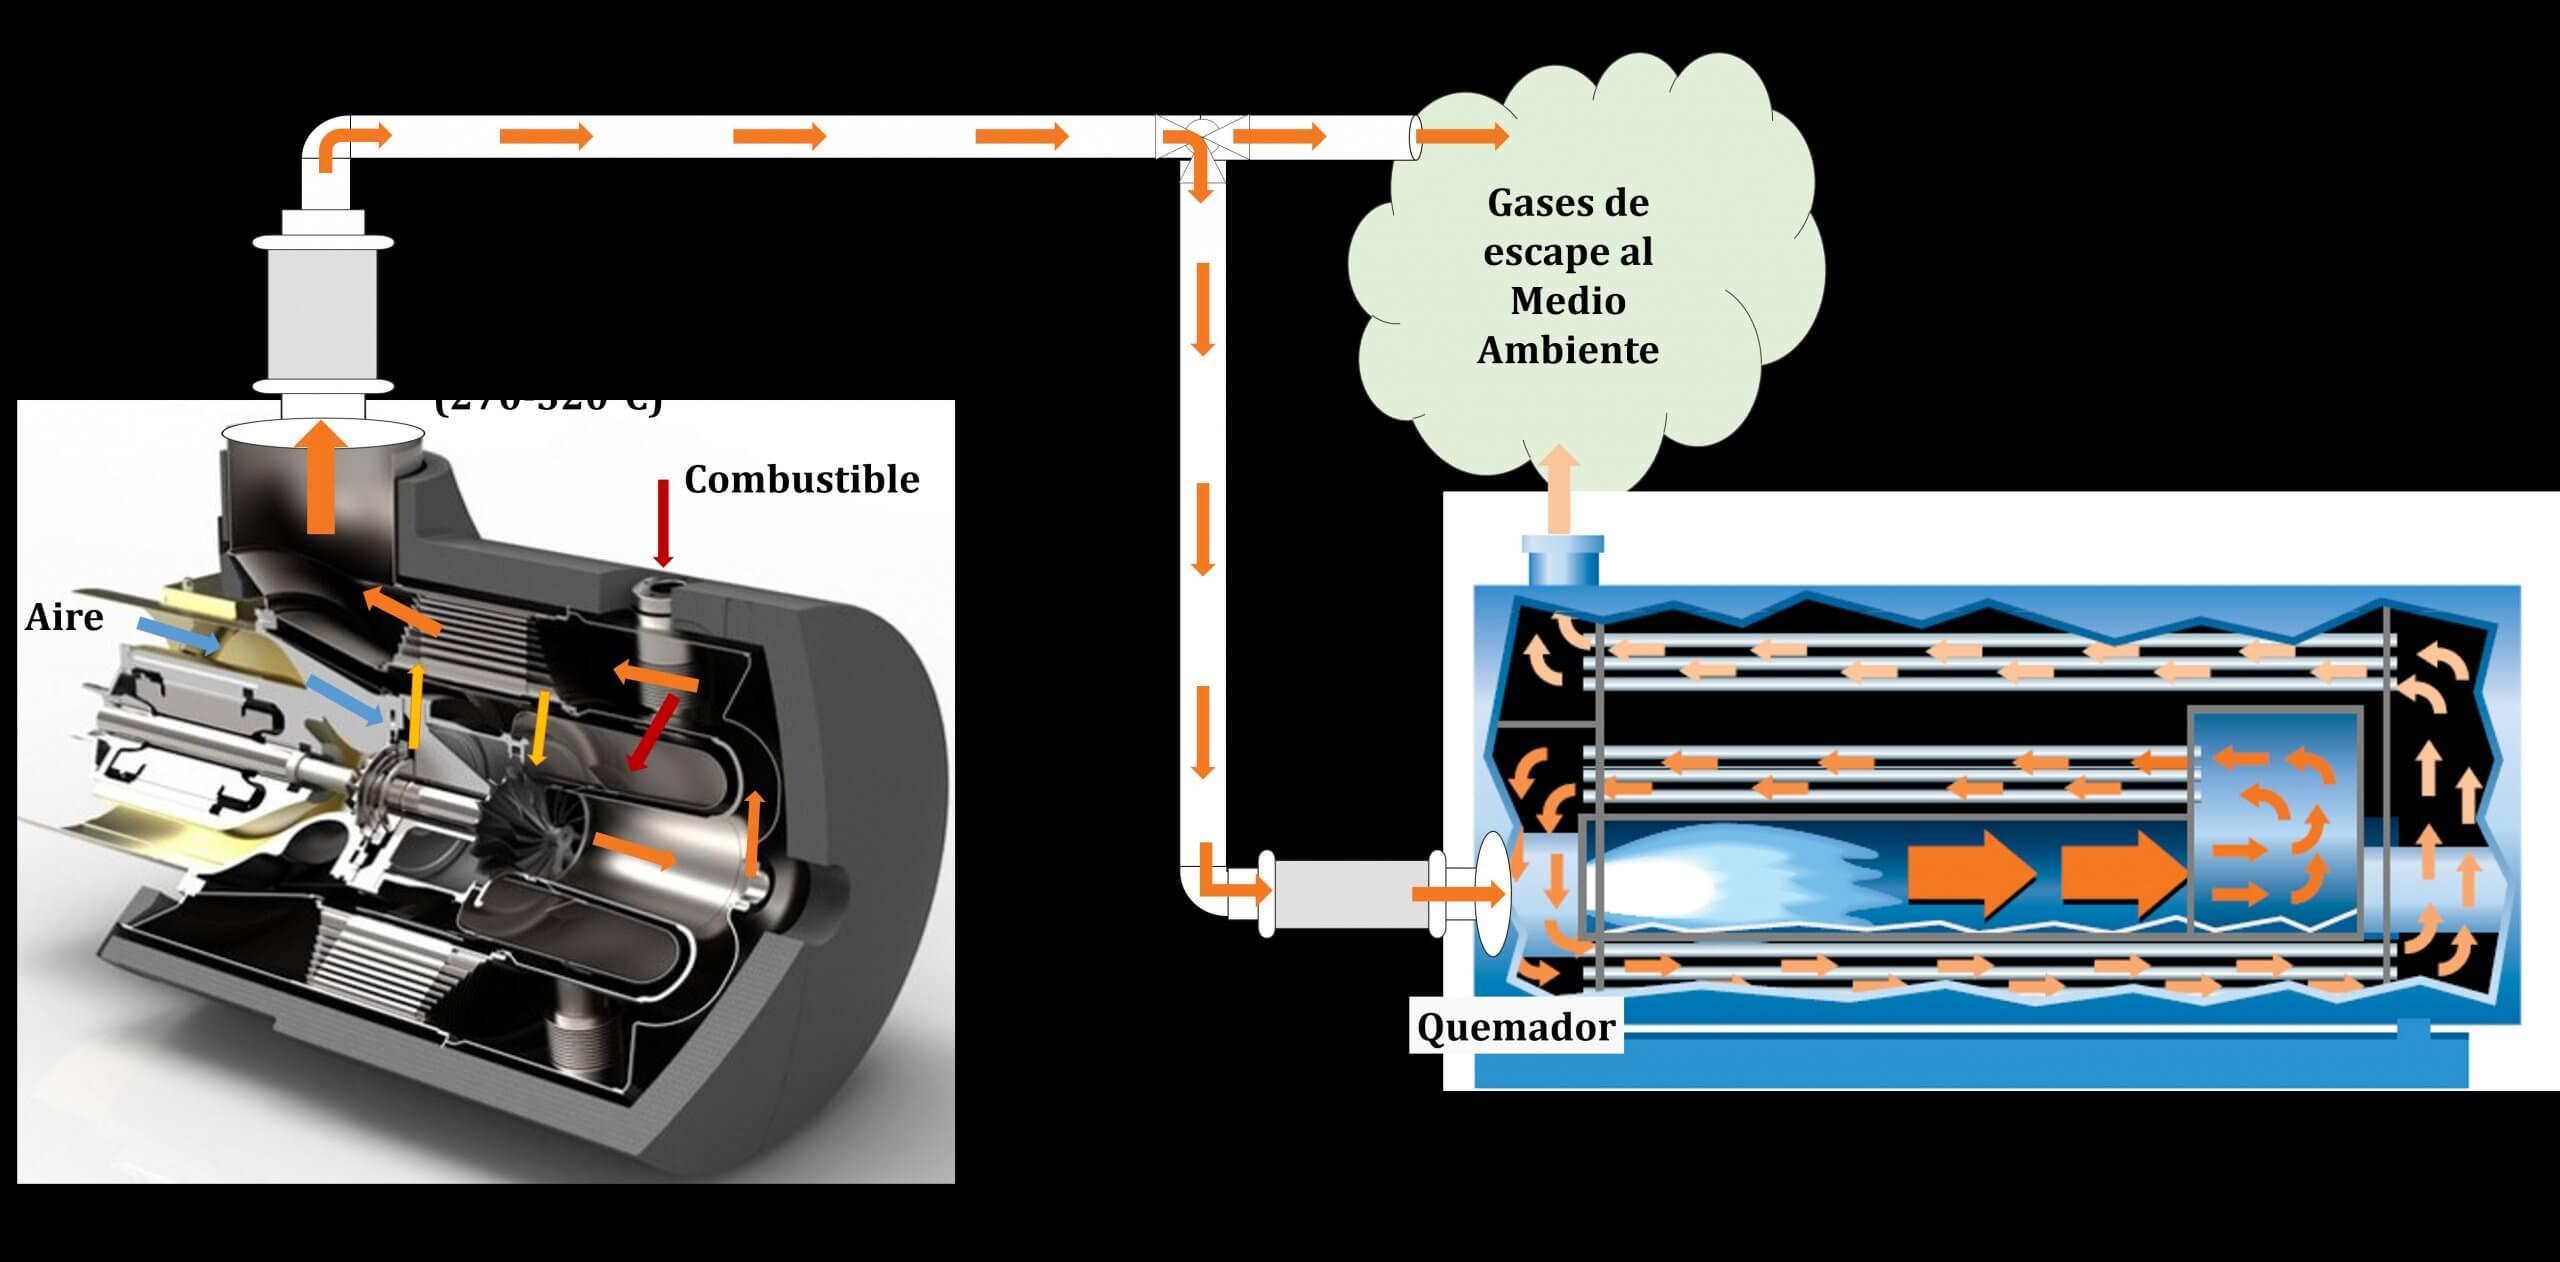 Sistema de micro-cogeneración con turbina de gas acoplada a una caldera convencional